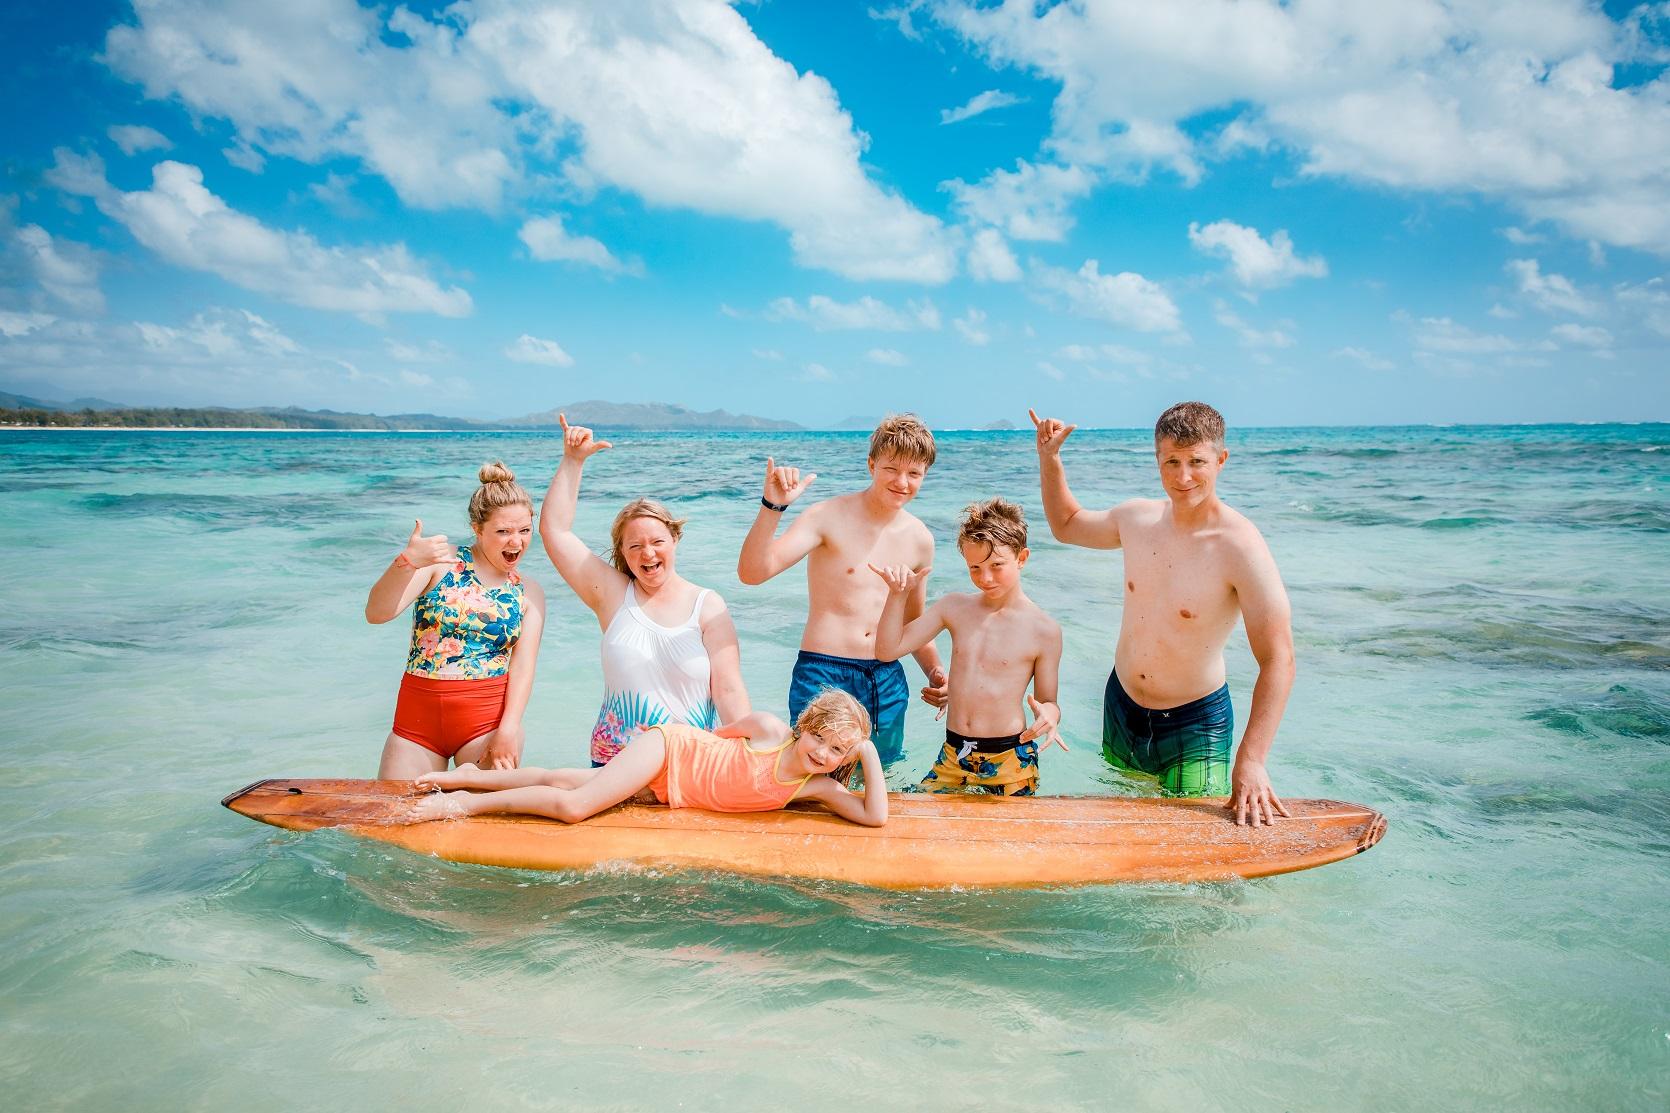 kauai family ocean play surfboard vacation photos photographer